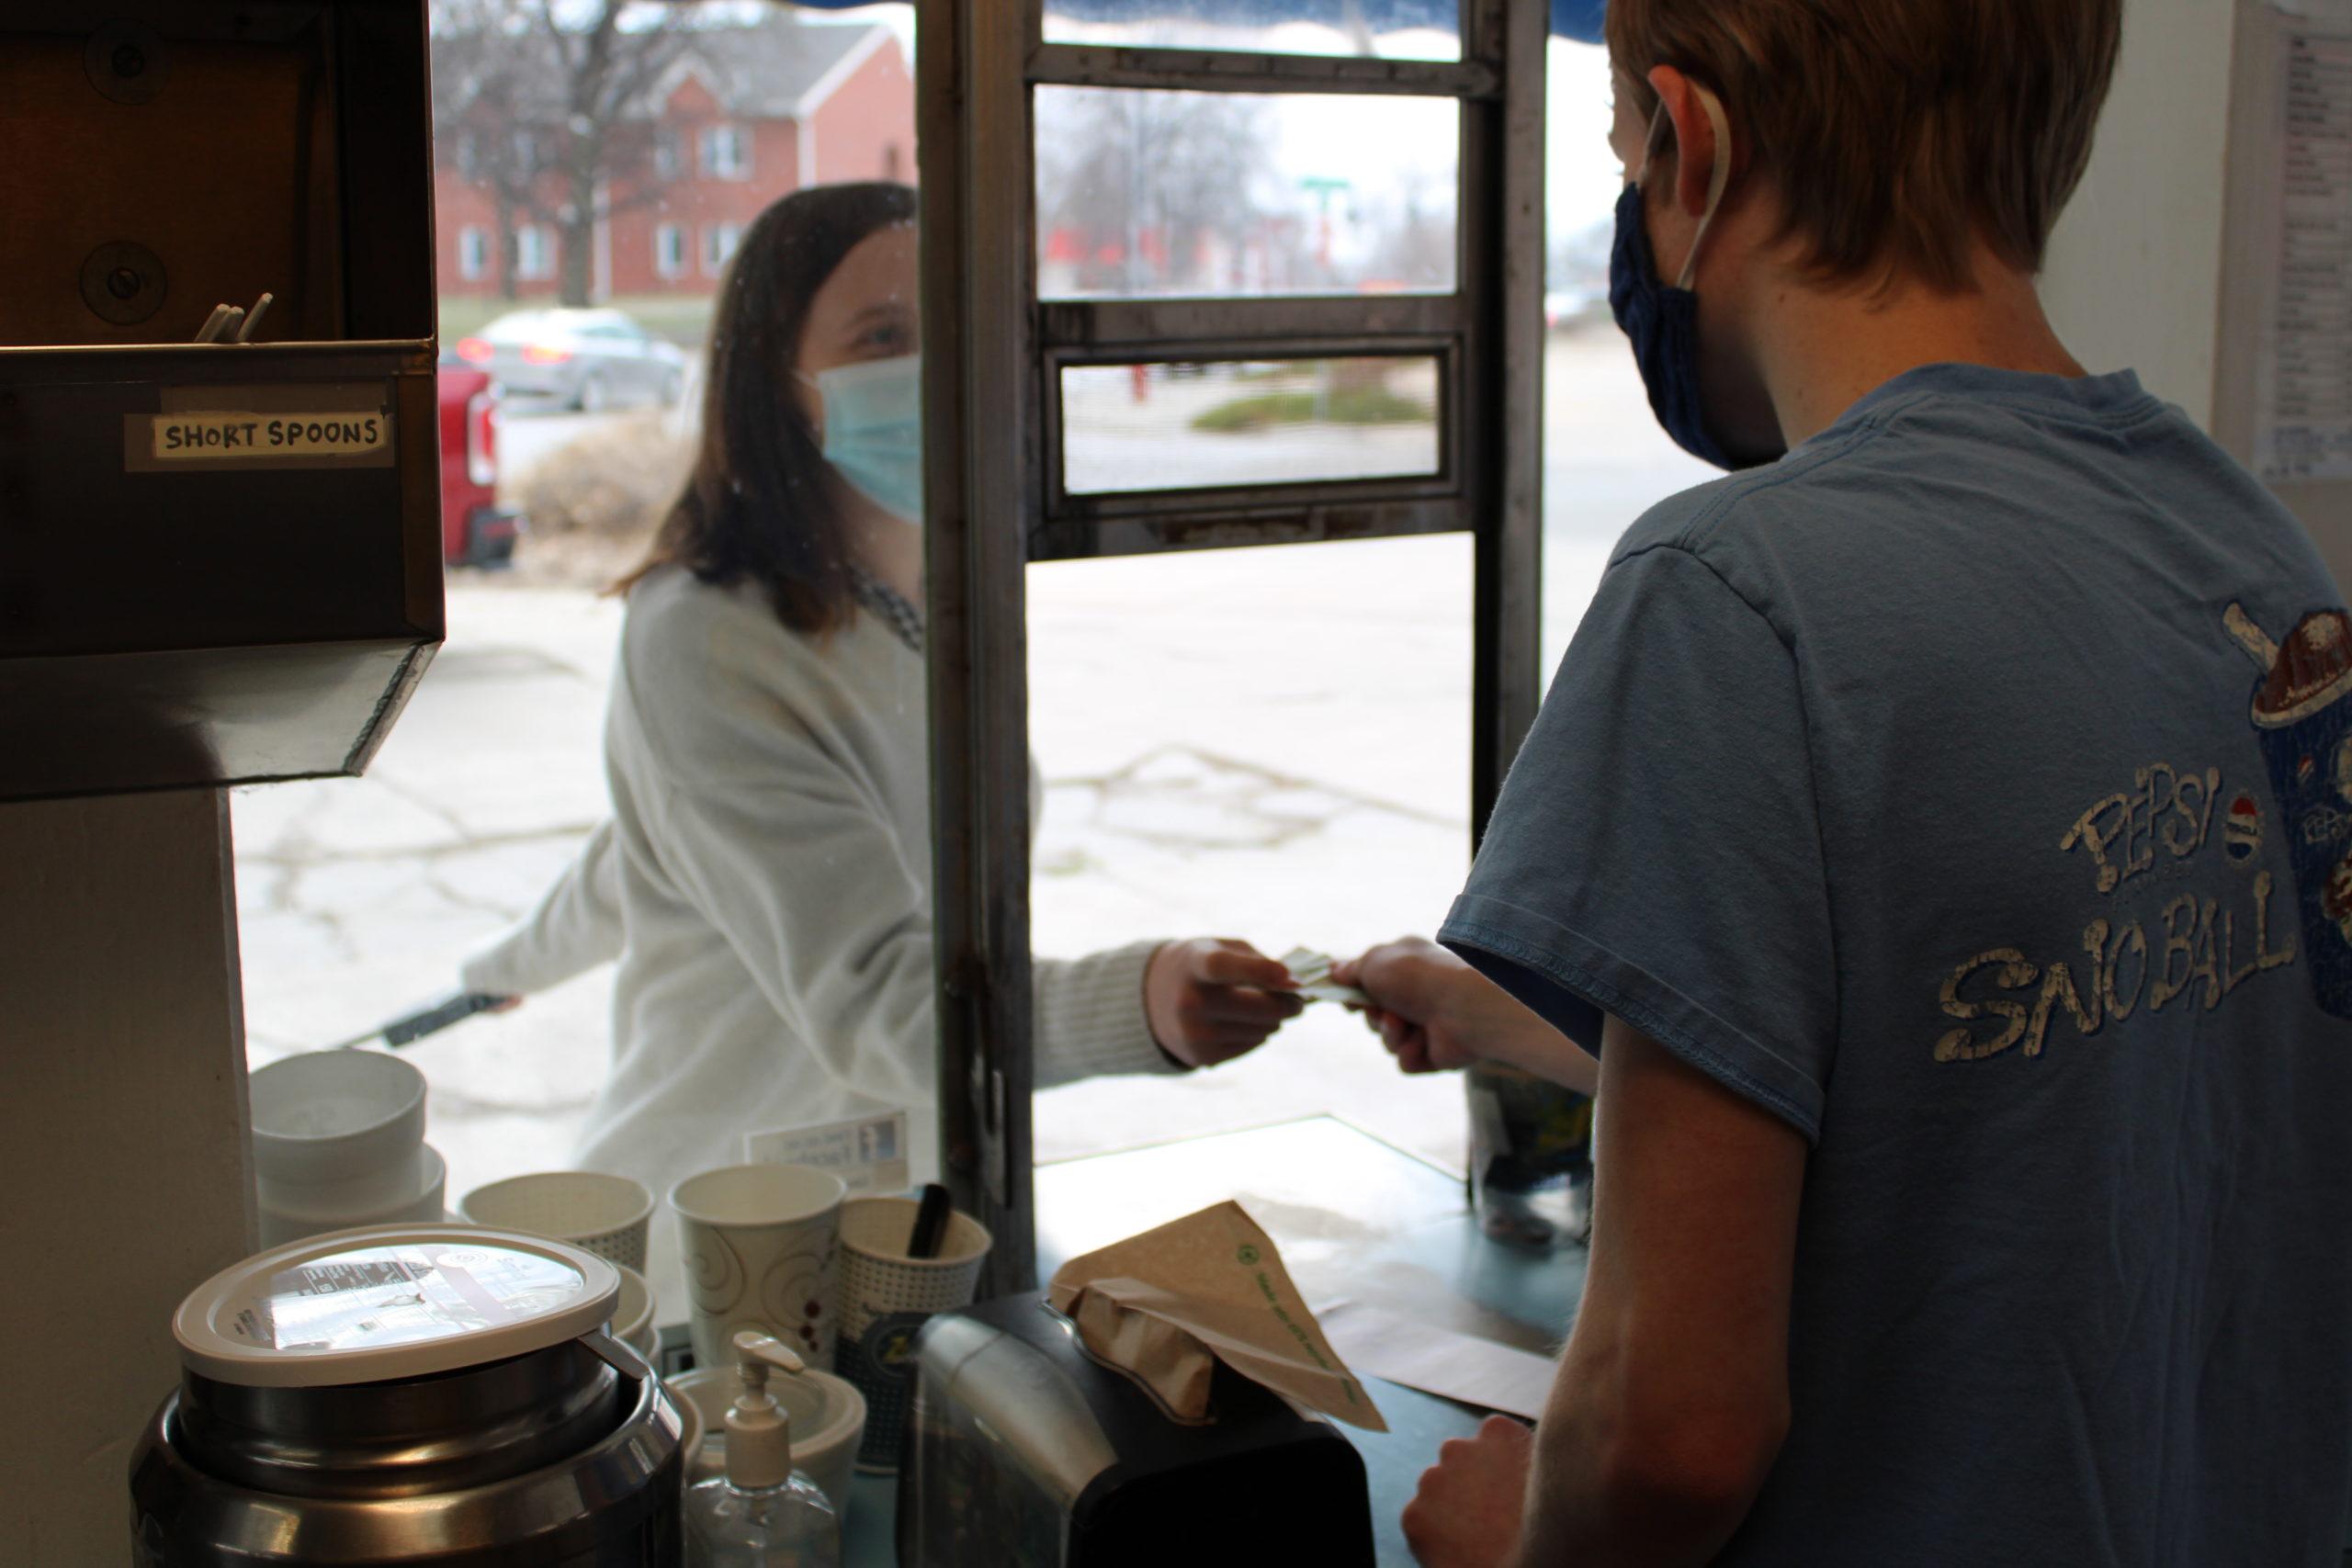 Employee working with customer